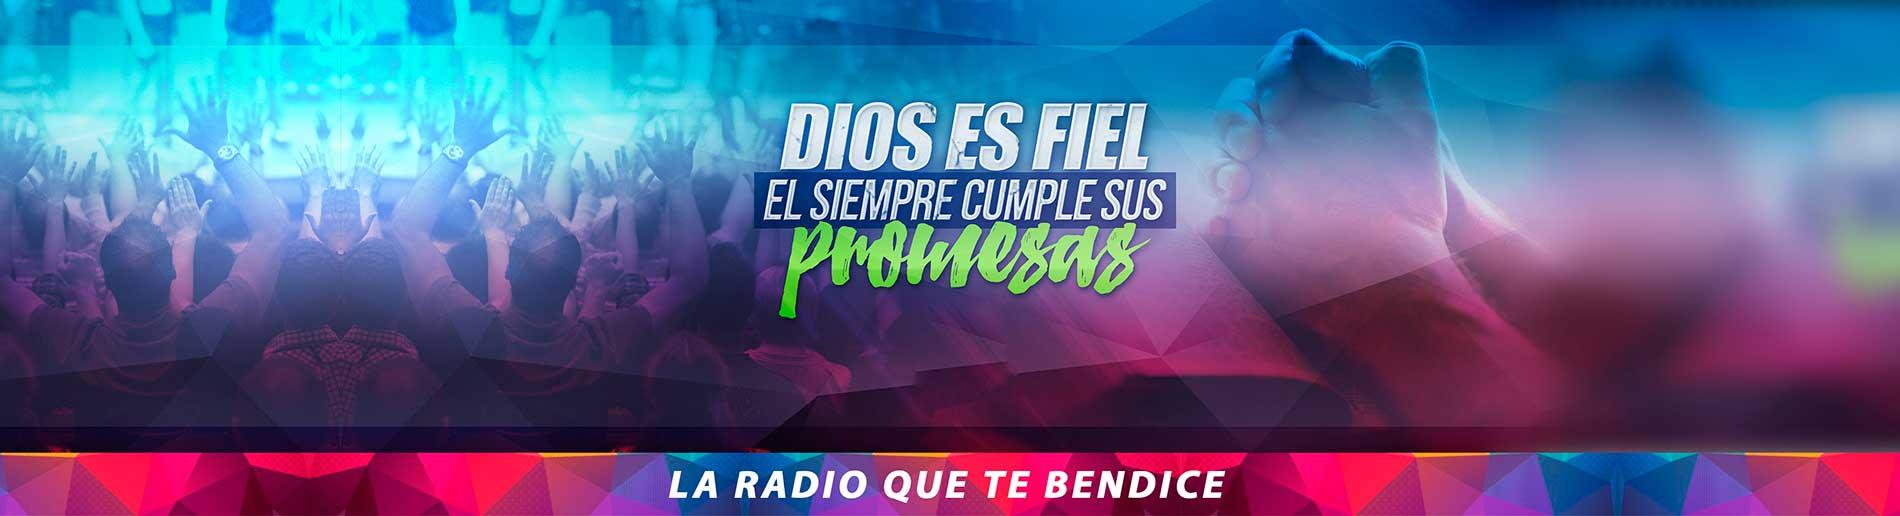 Dios es fiel, siempre cumple sus promesas